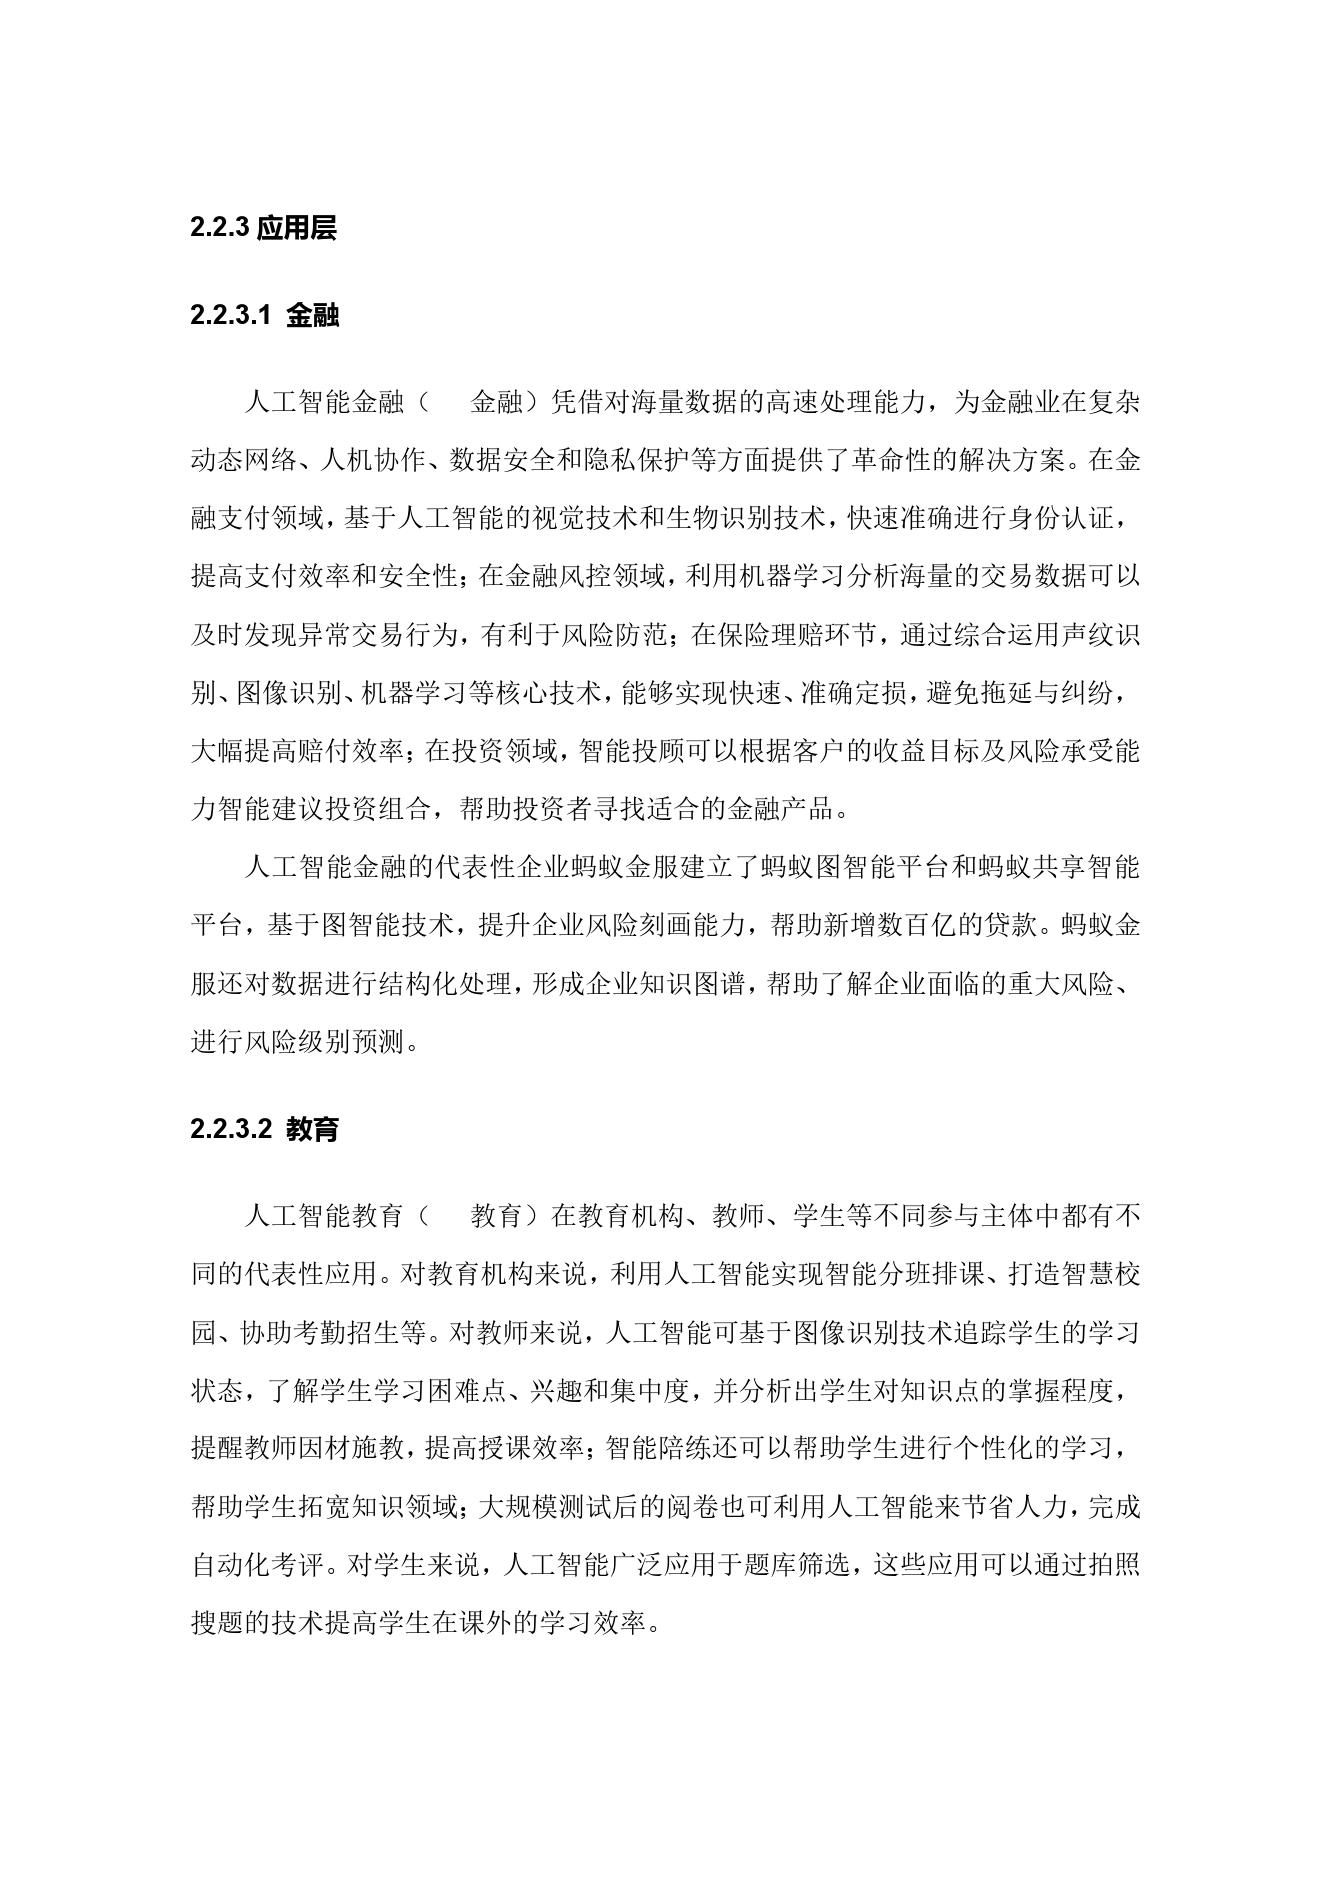 36氪研究院:2020年中国城市人工智能发展指数报告(可下载报告)插图(35)